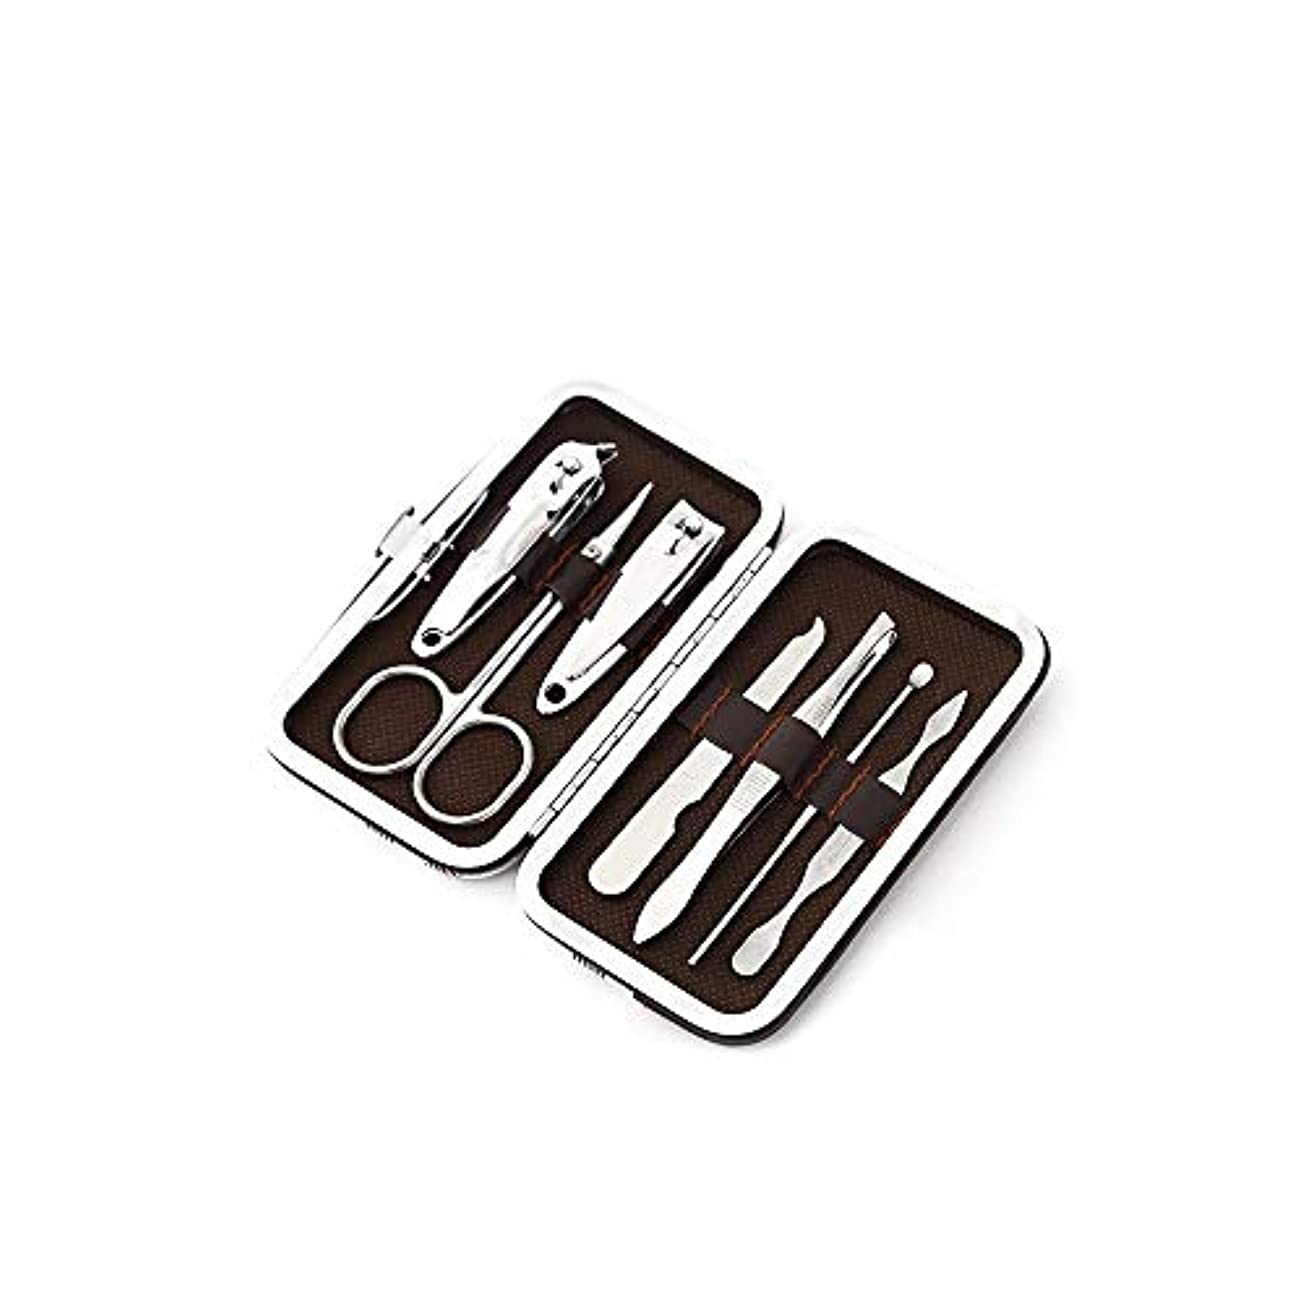 保安したがって危機爪切りセットステンレス爪切りセット白いグリッドPUレザーケース付き、7点セット